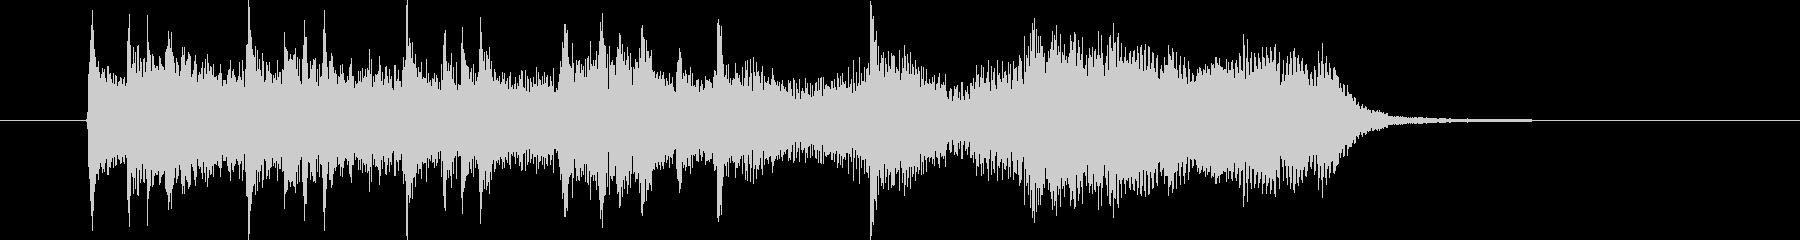 ミディアムテンポのチェンバロサウンドの未再生の波形